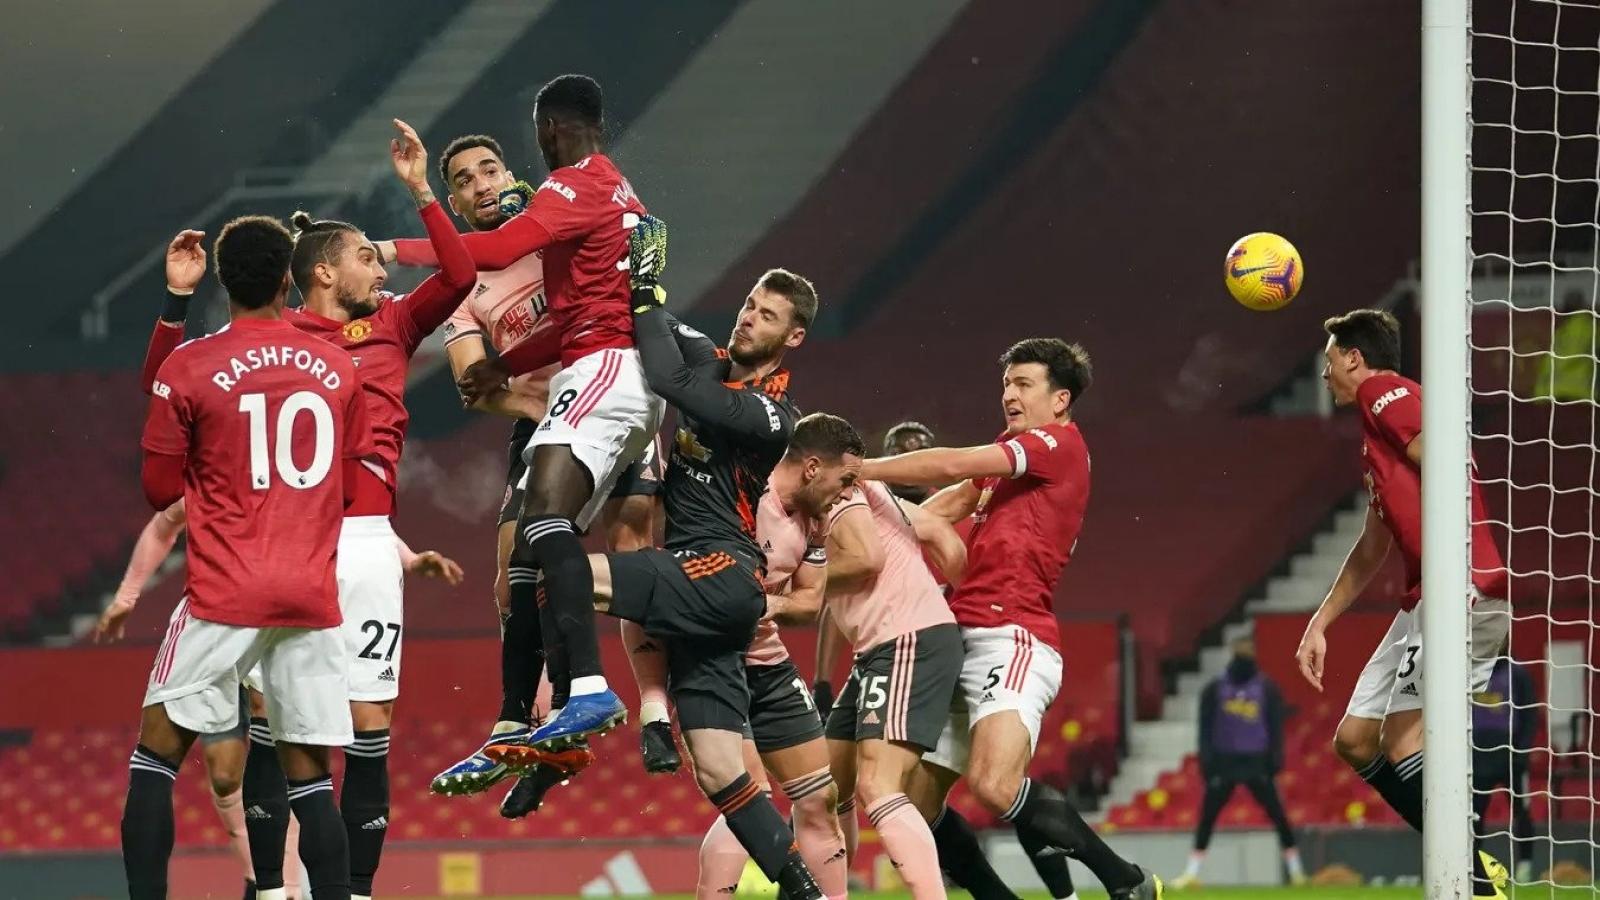 Thua sốc Sheffield United, MU không thể đòi lại ngôi đầu bảng Ngoại hạng Anh